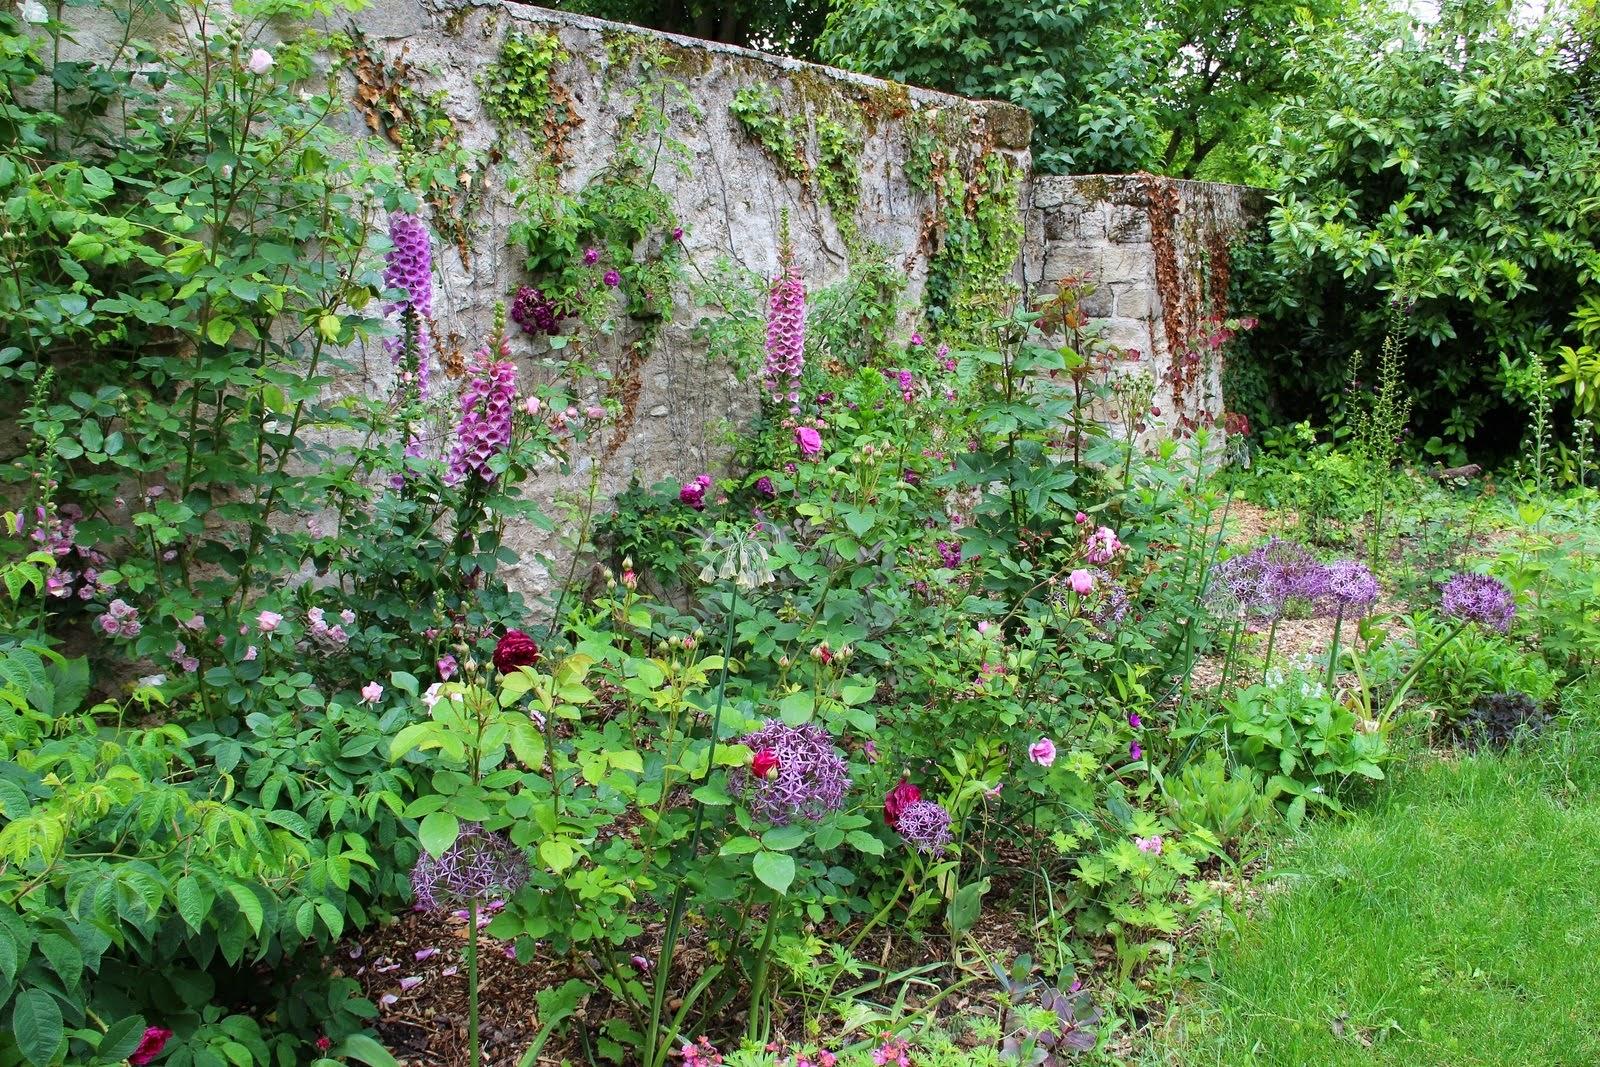 Derri re les murs de mon jardin travaux d automne - Derriere les murs de mon jardin ...